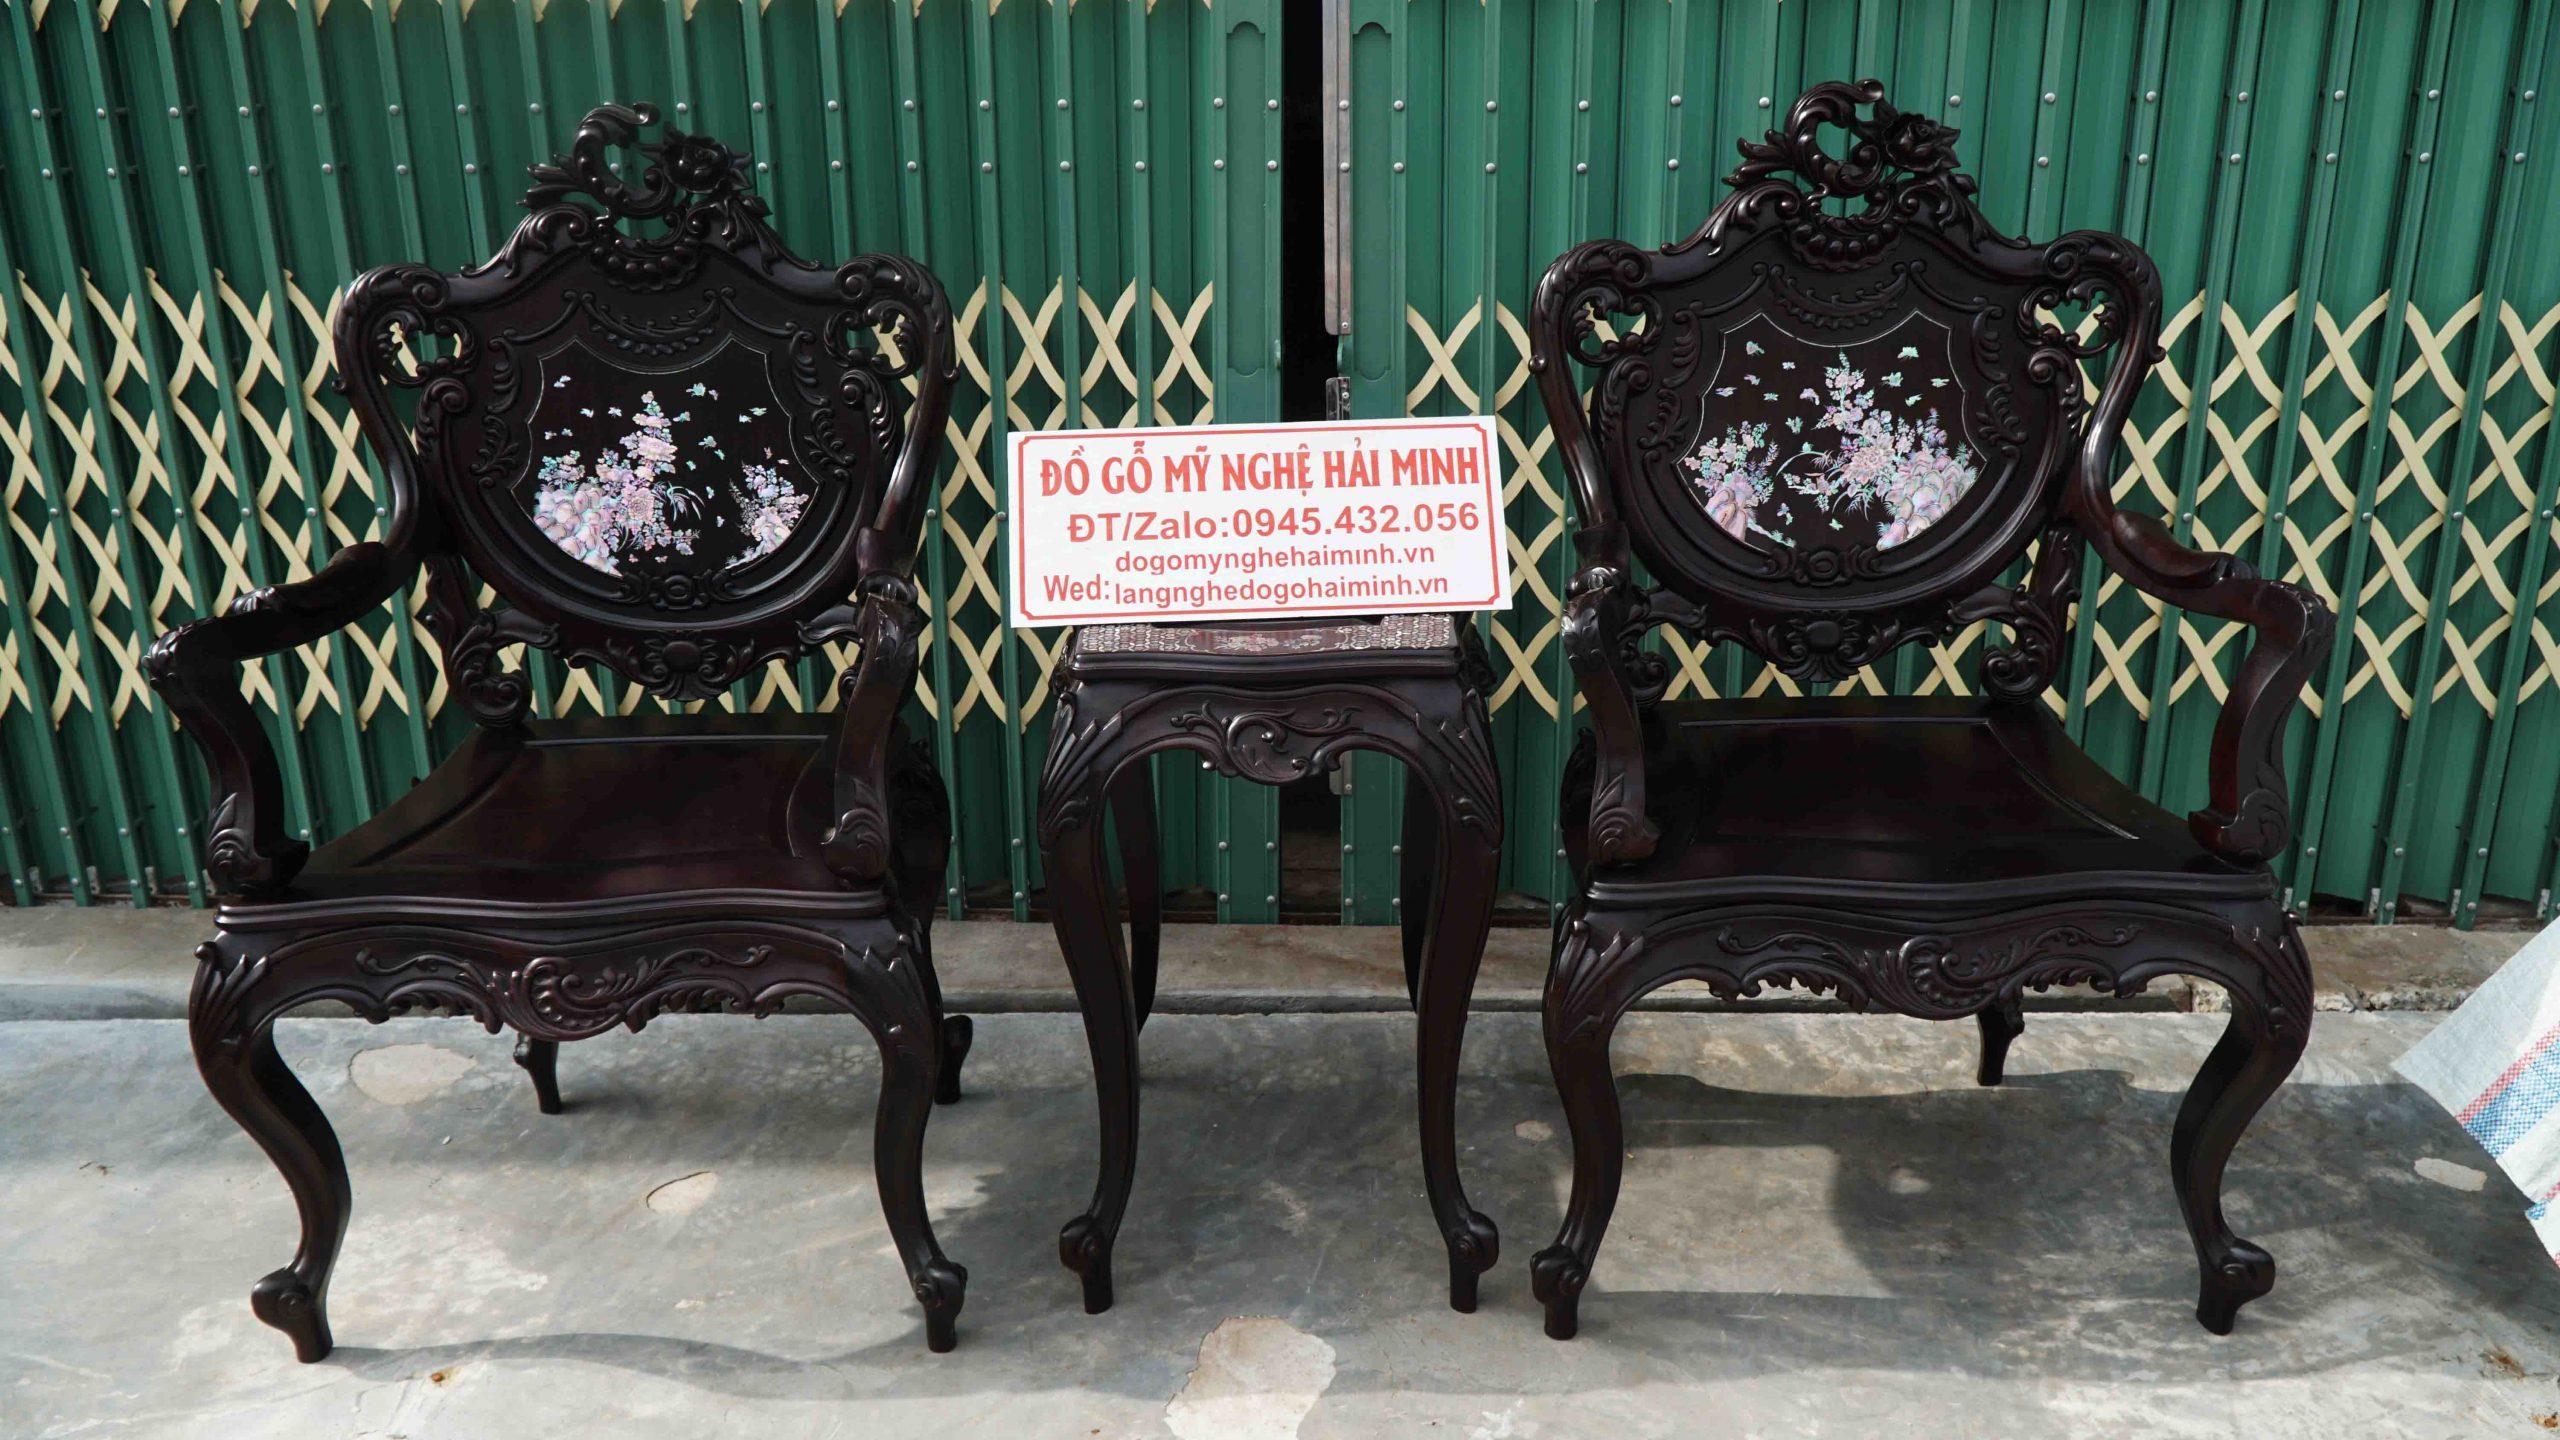 Bộ Bàn Ghế Luois Khảm Ốc